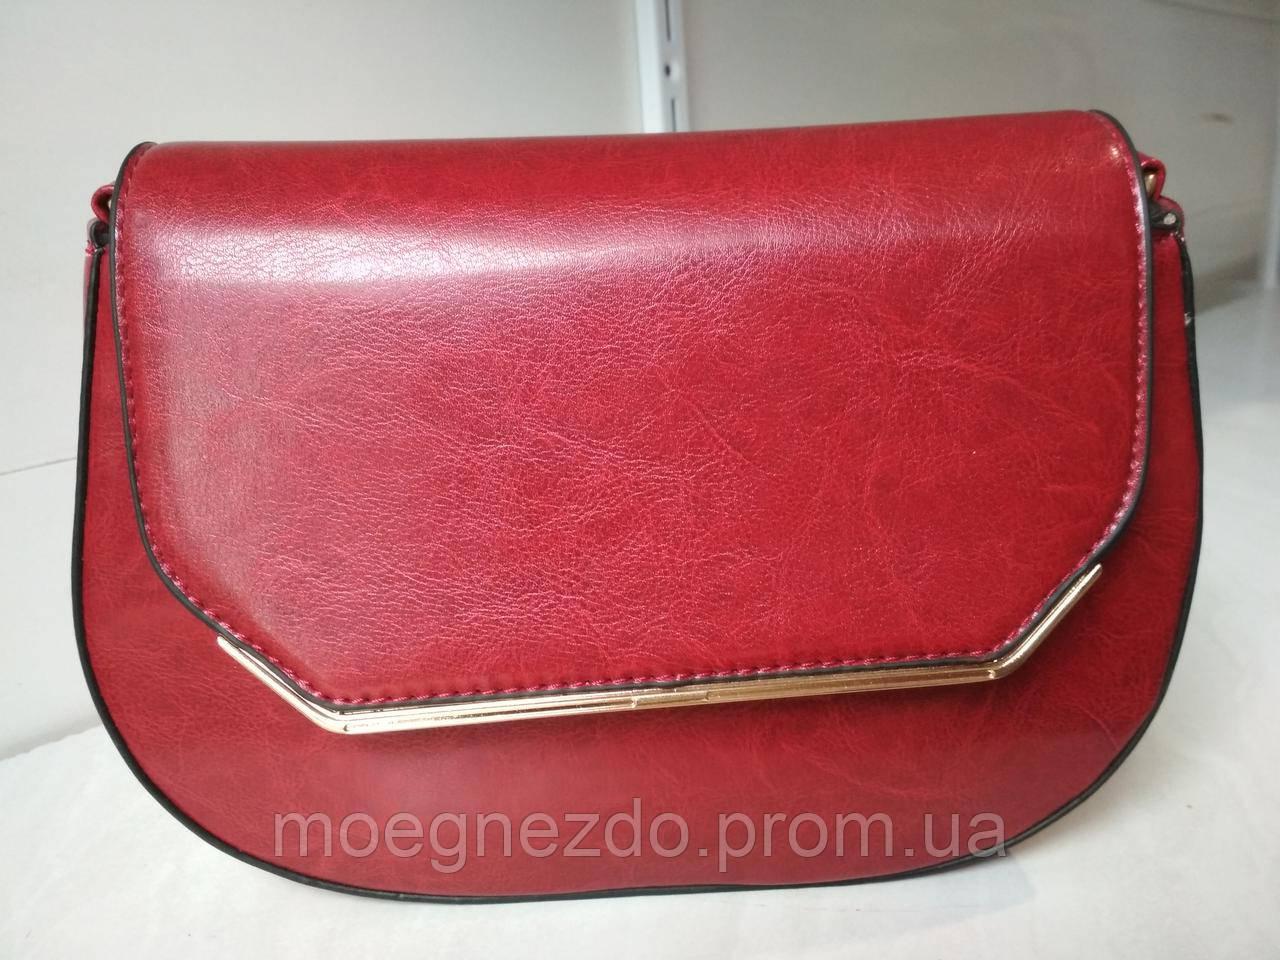 294ec8bed99a Женский клатч бордового цвета (марсала) - Интернет магазин Olala-Trend в  Одессе